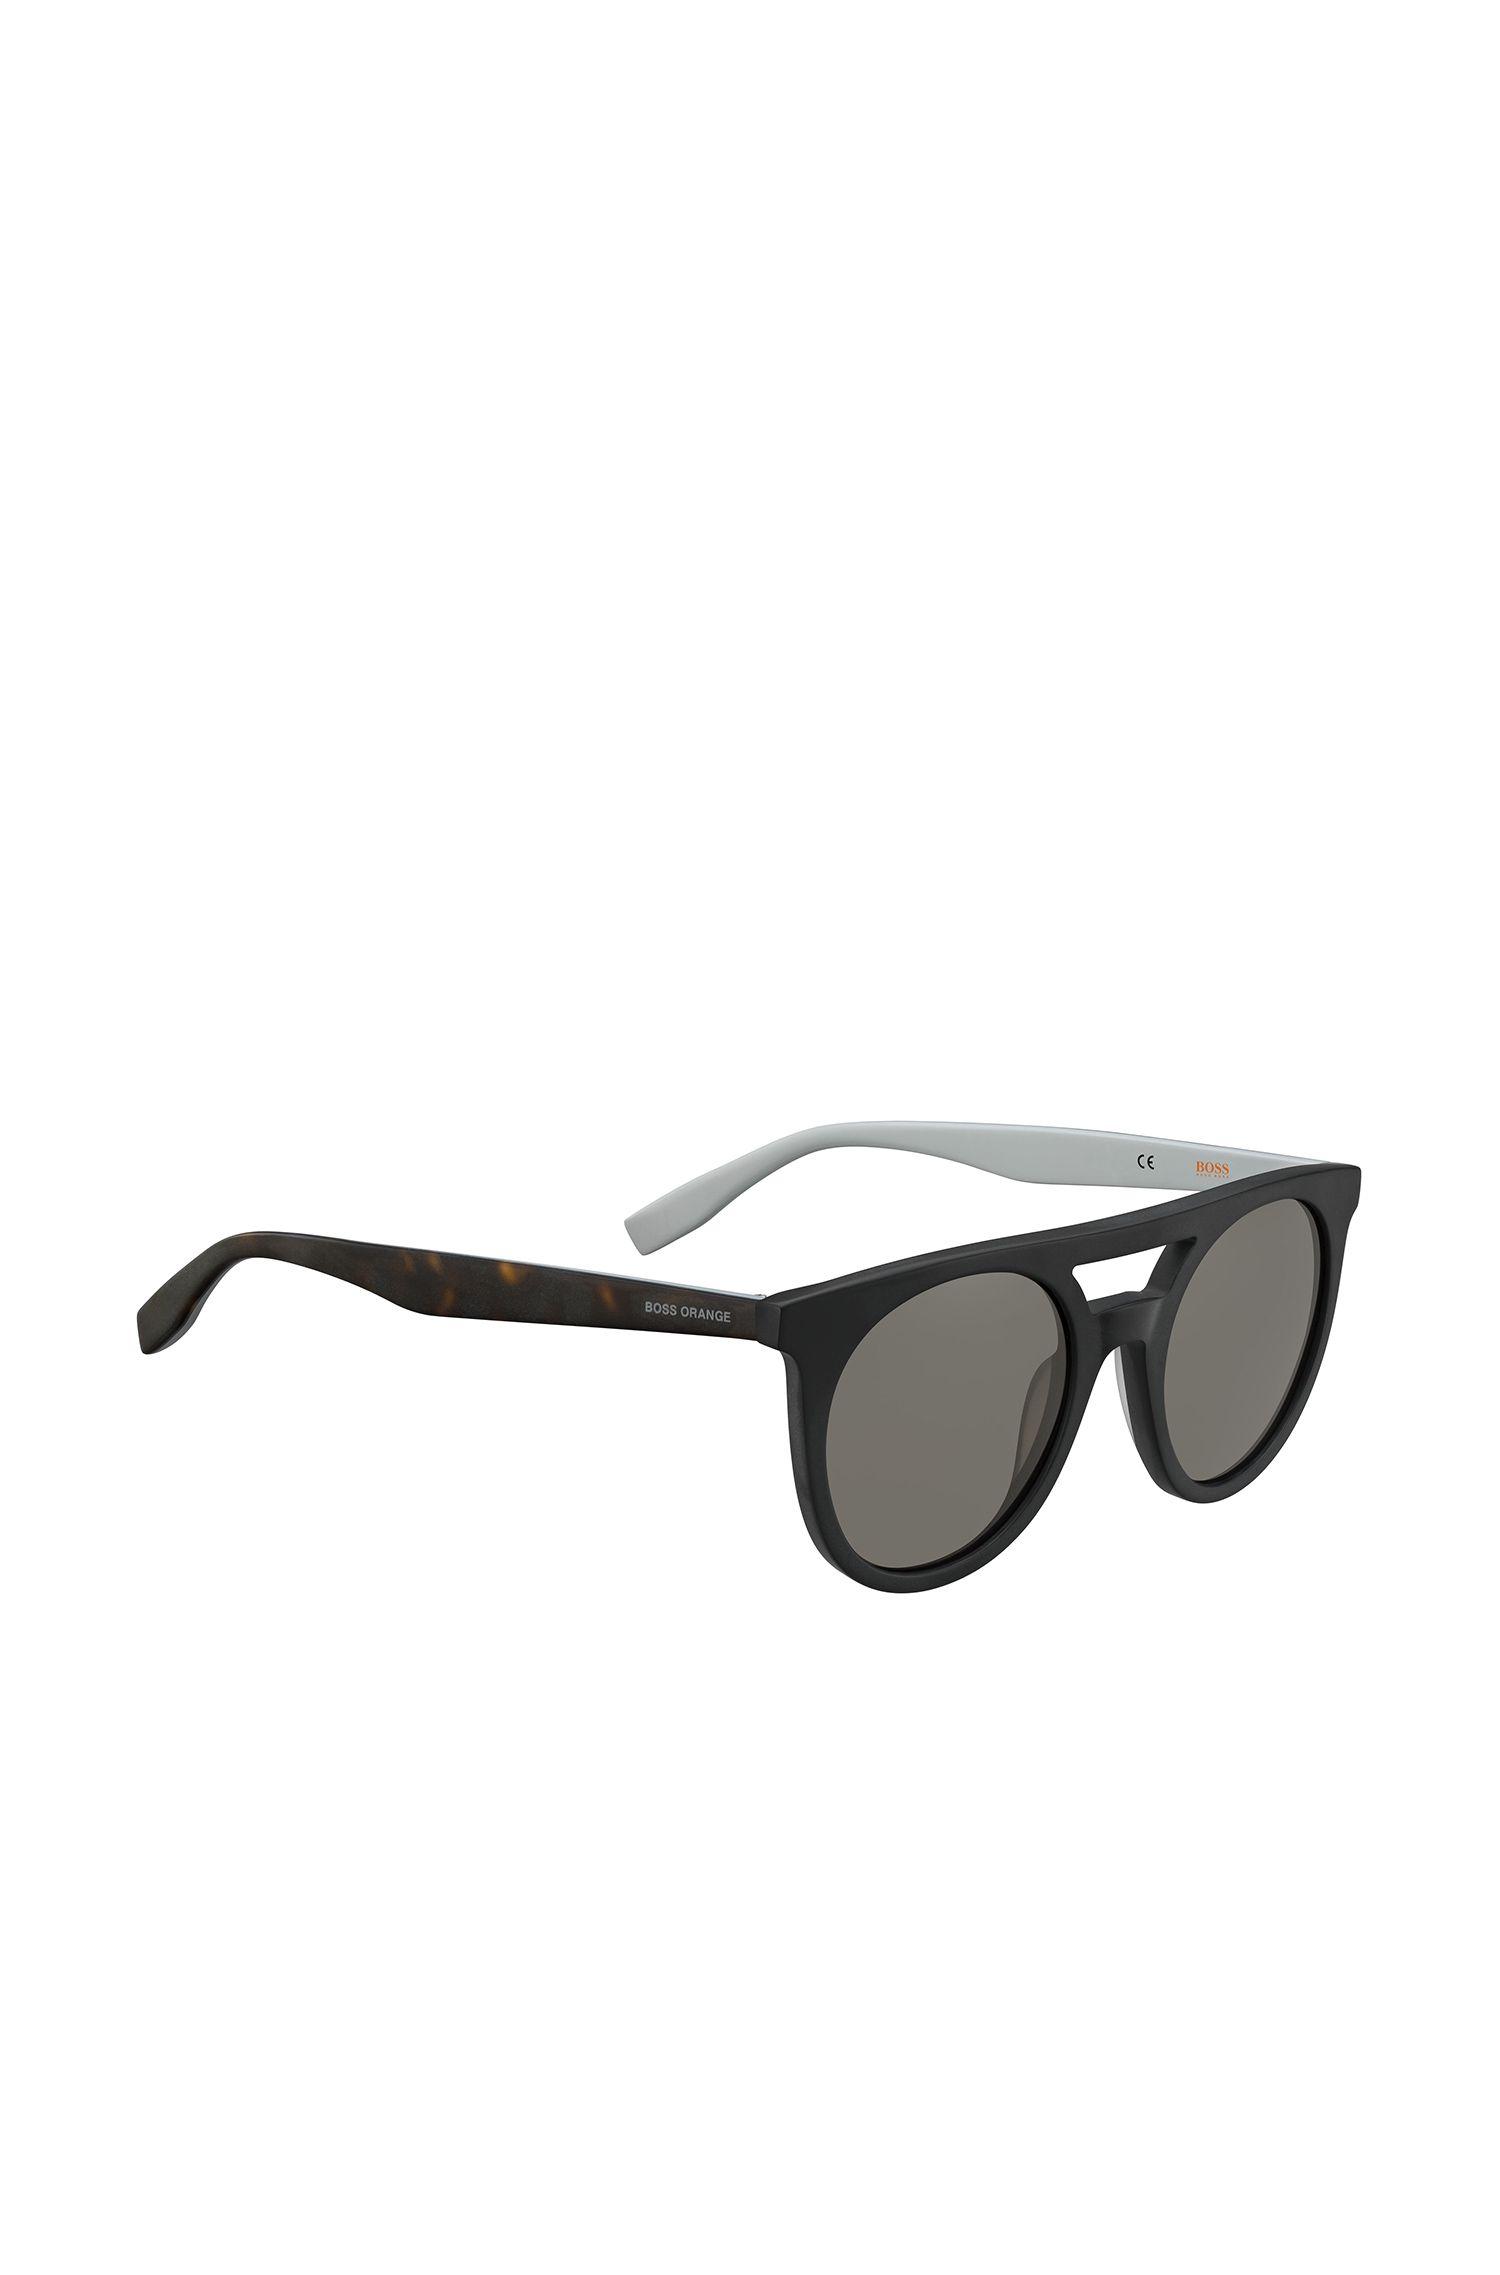 Unisex-Sonnenbrille mit gemusterten Bügeln: 'BO 0266/S'